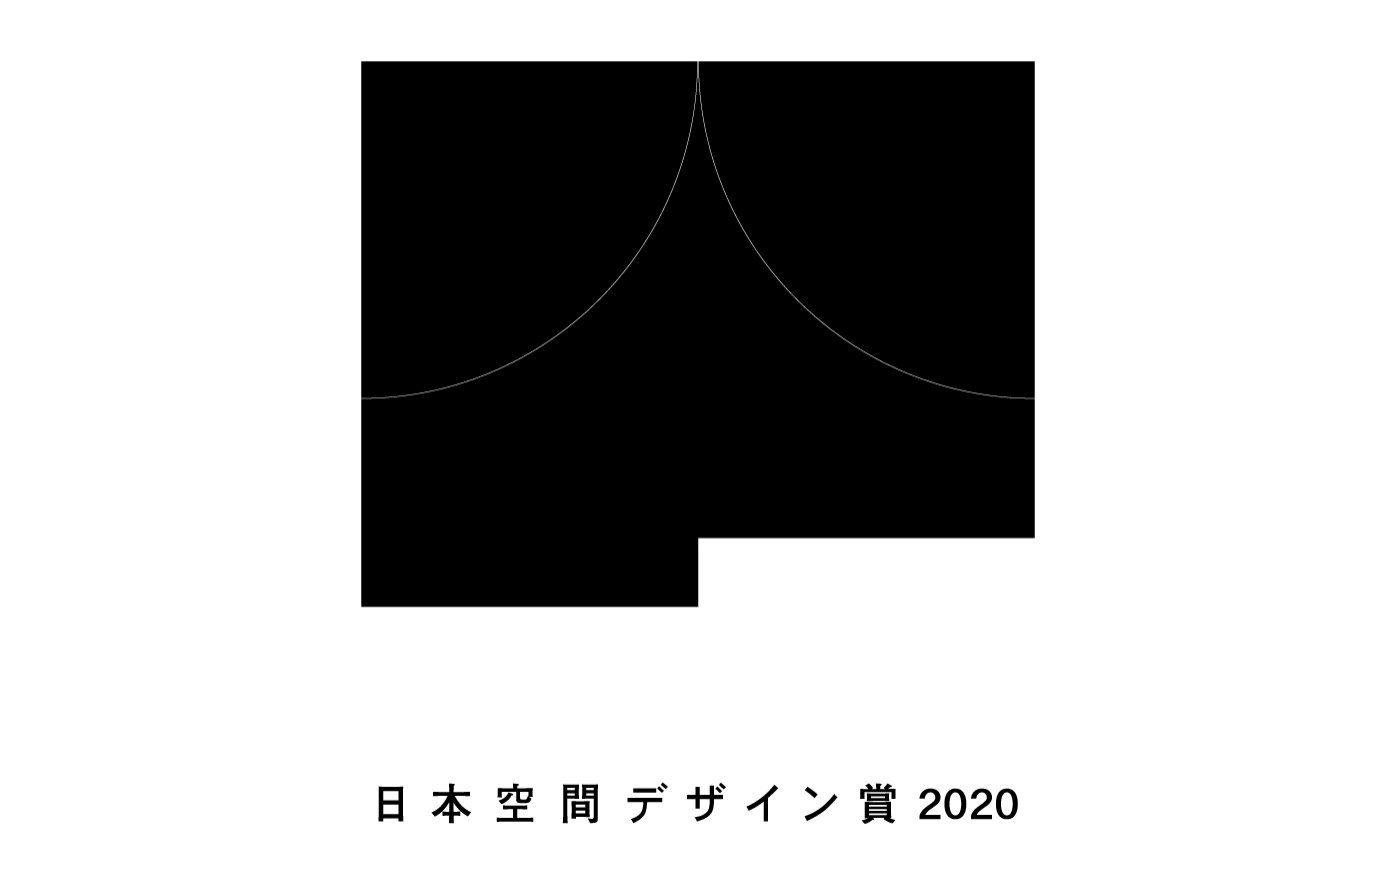 201026_日本空間デザイン賞2020.png